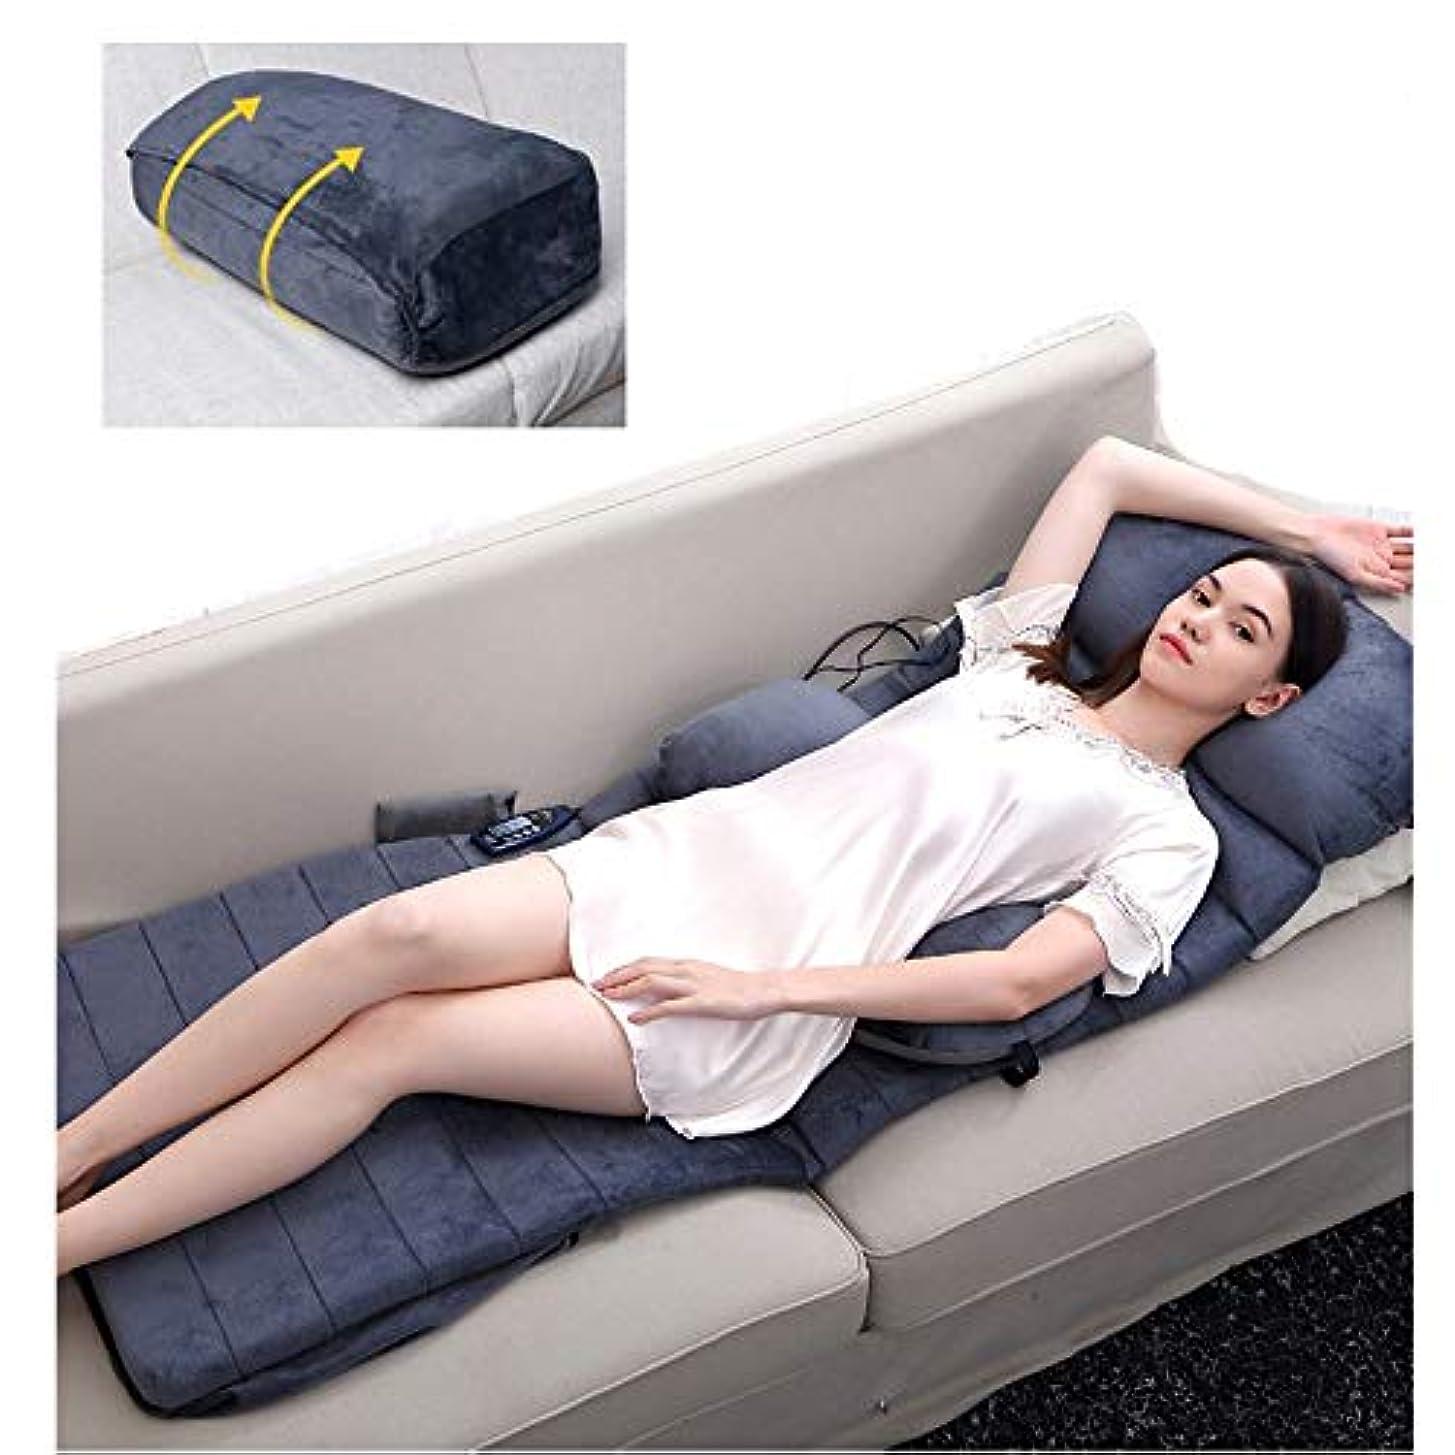 造船細心の識別ウエストバック暖房多機能全身振動大人のホーム枕マットレス椅子のクッションマッサージャーマットレス頸椎